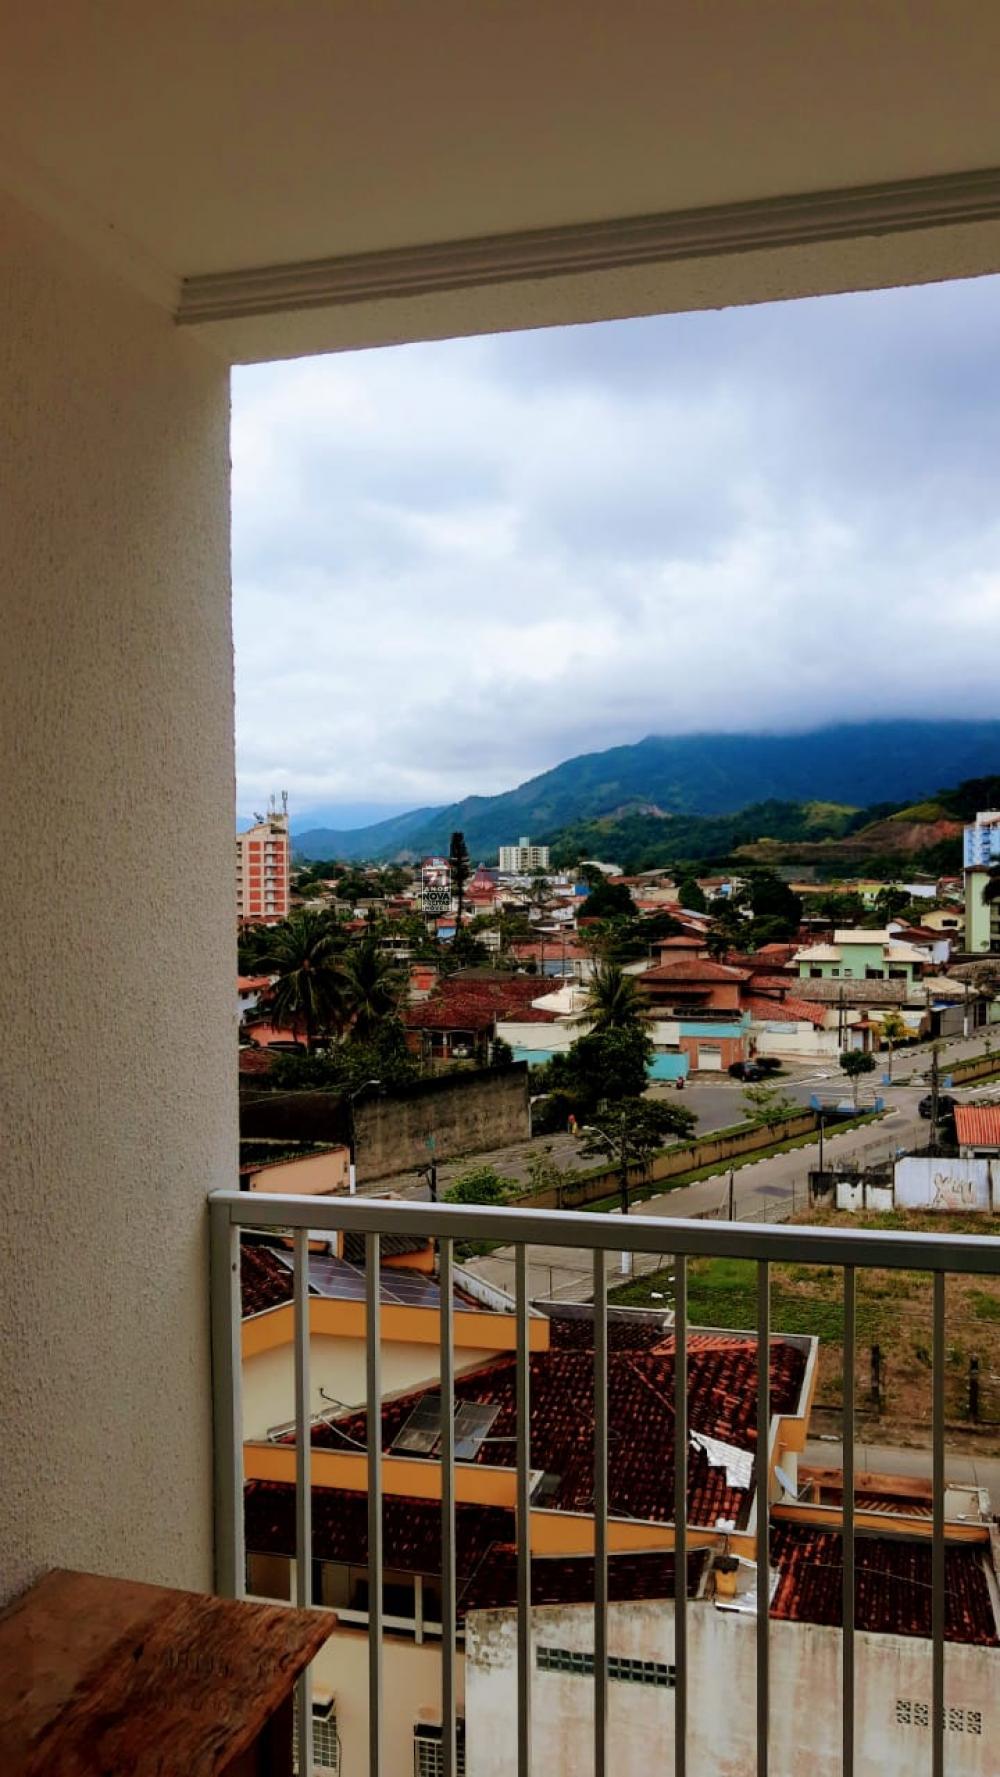 Comprar Apartamento / Padrão em Caraguatatuba apenas R$ 310.000,00 - Foto 4